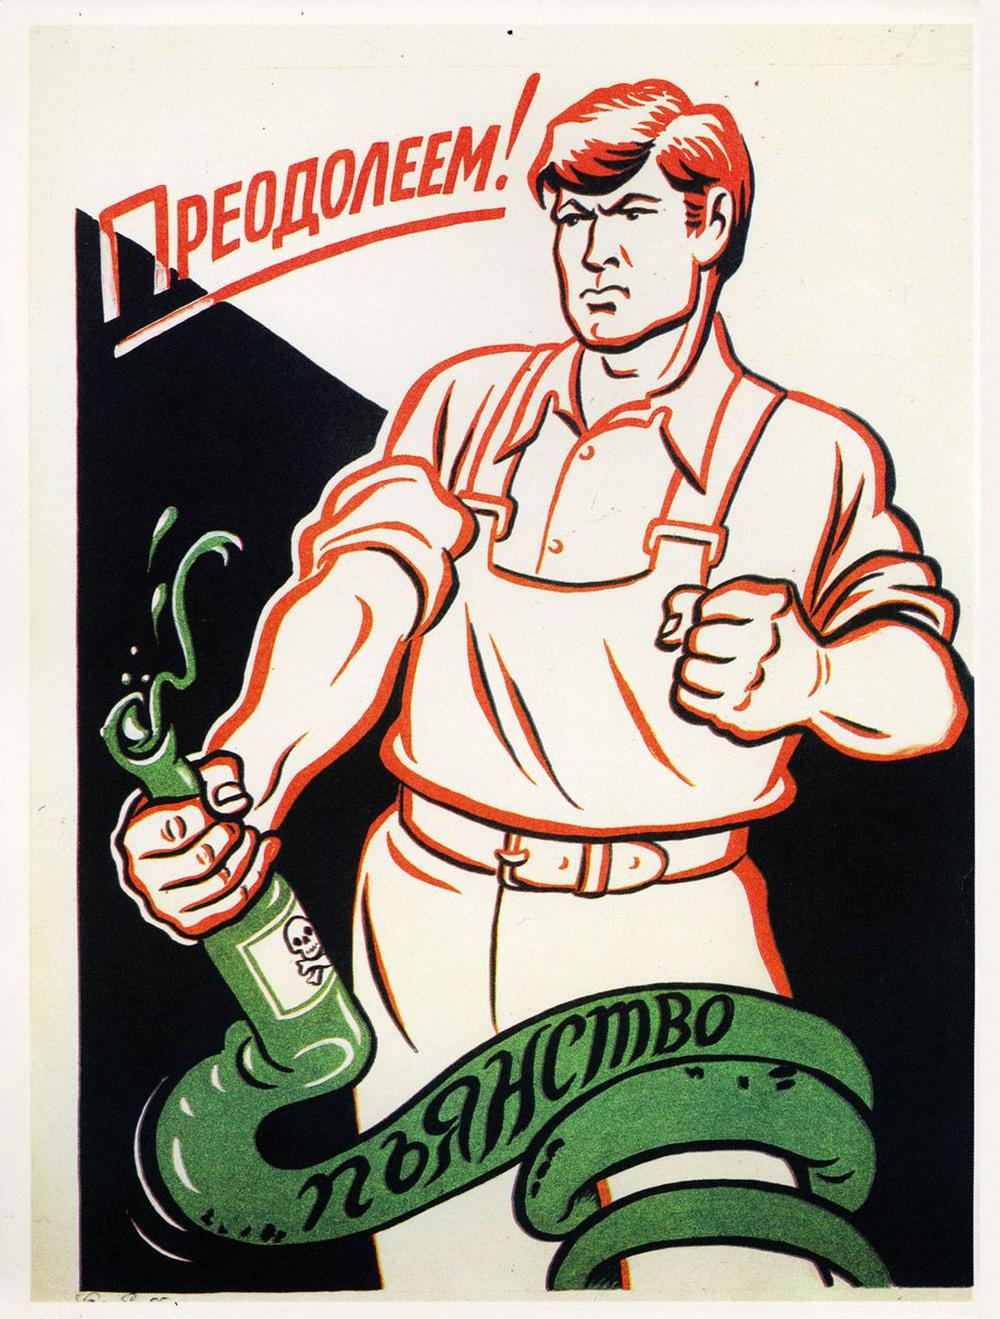 Пьянству бой: антиалкогольные советские плакаты  3